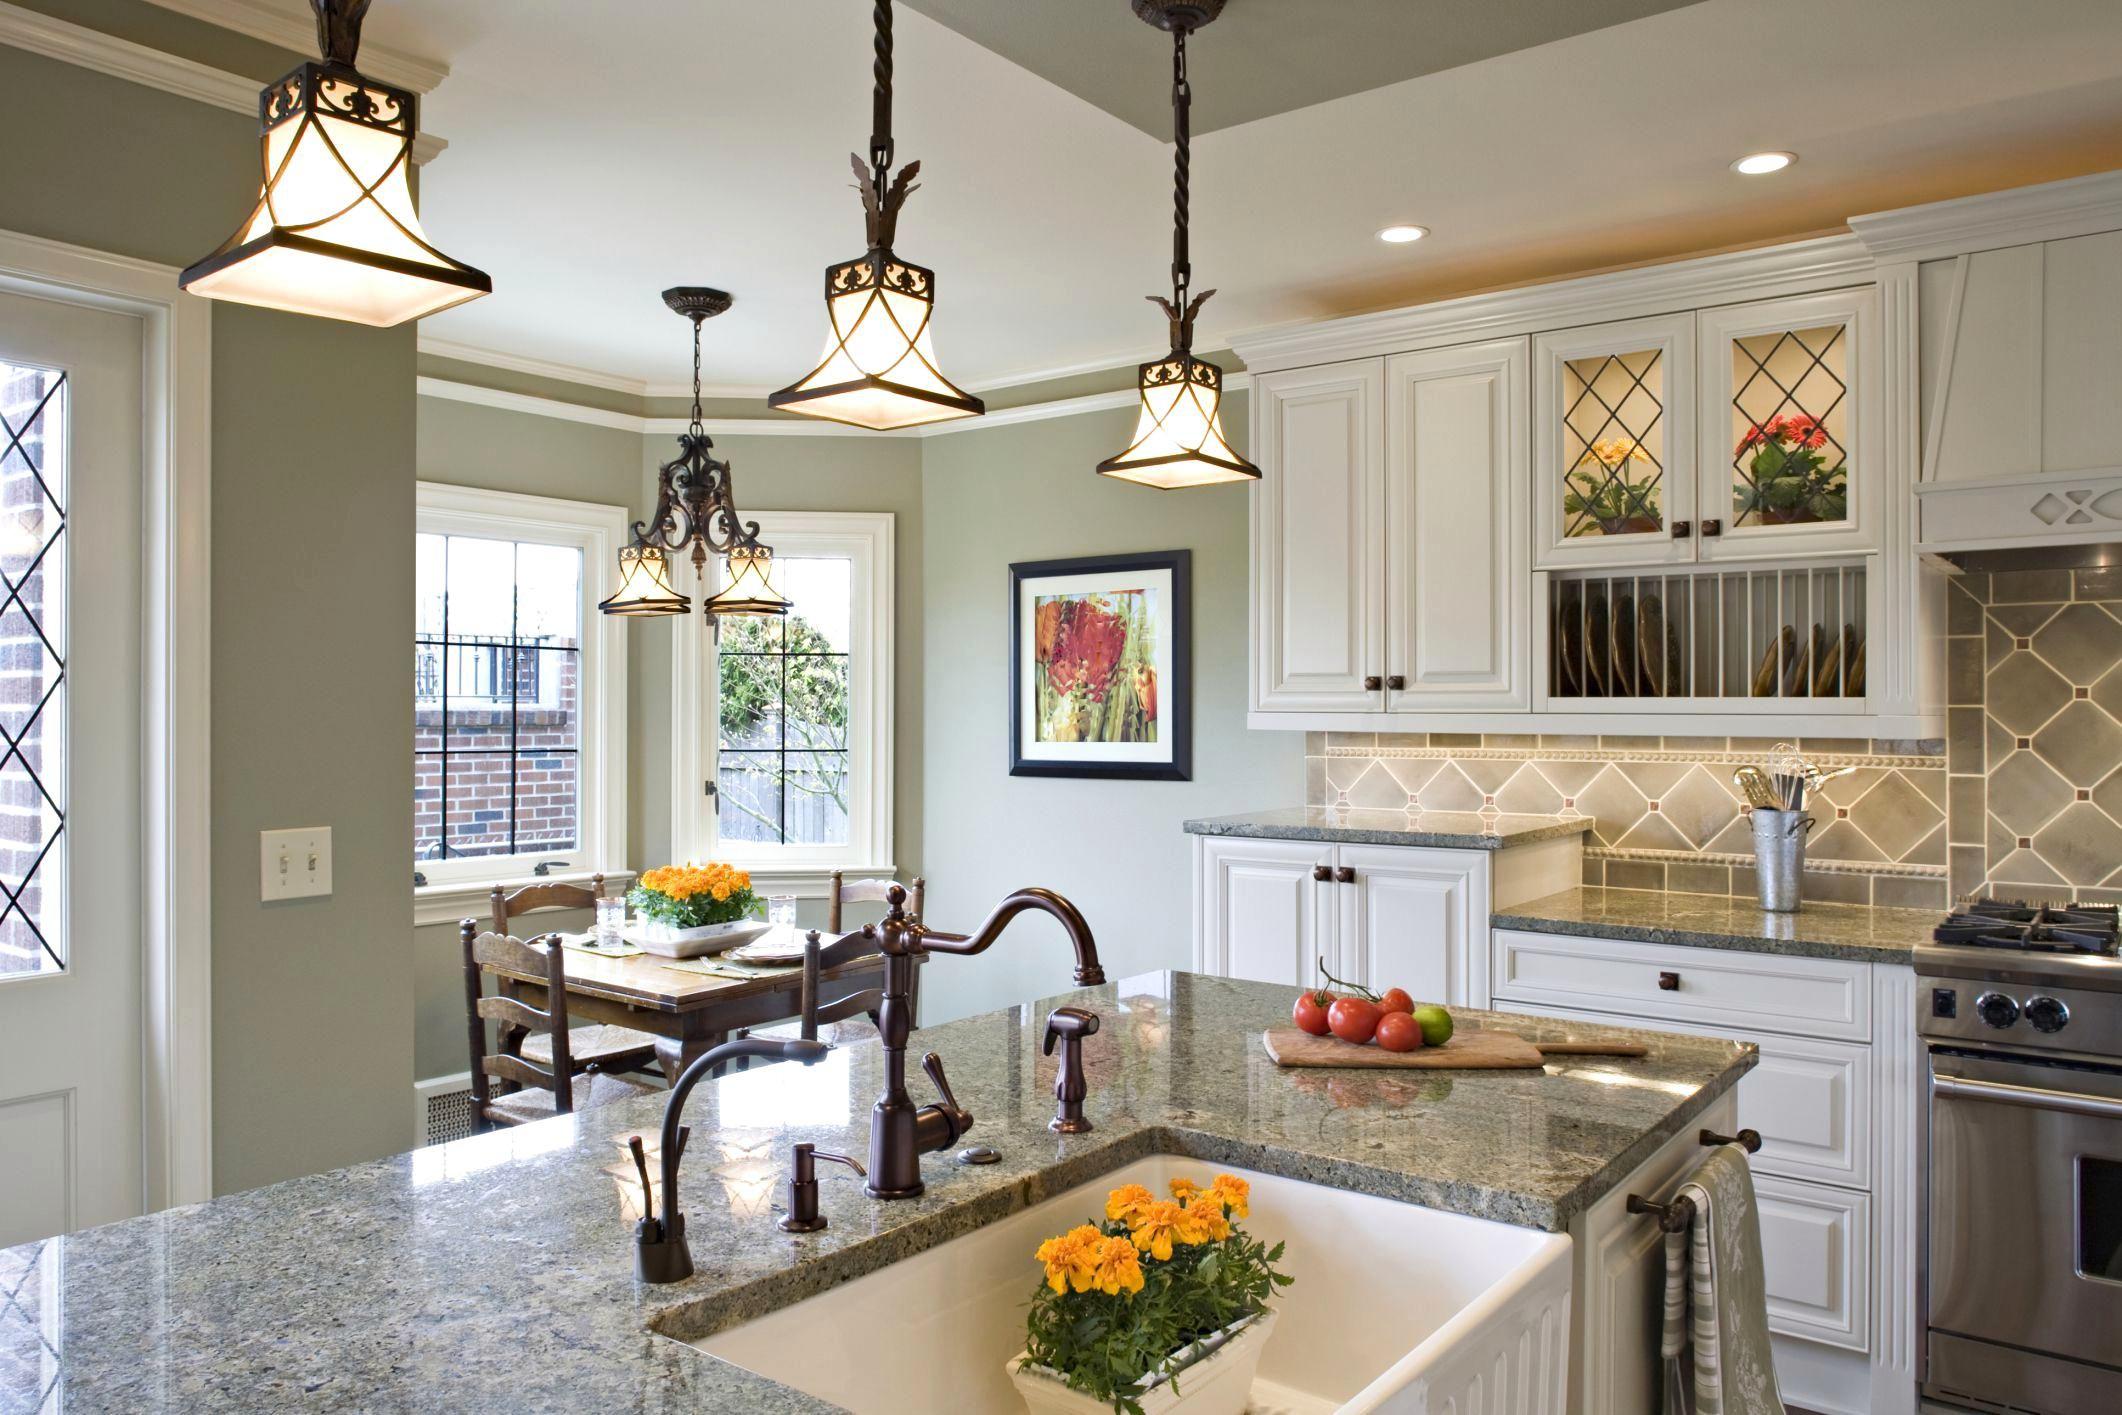 Küchenideen malen malen decken küche  die komplette überholung einer küche kann sehr